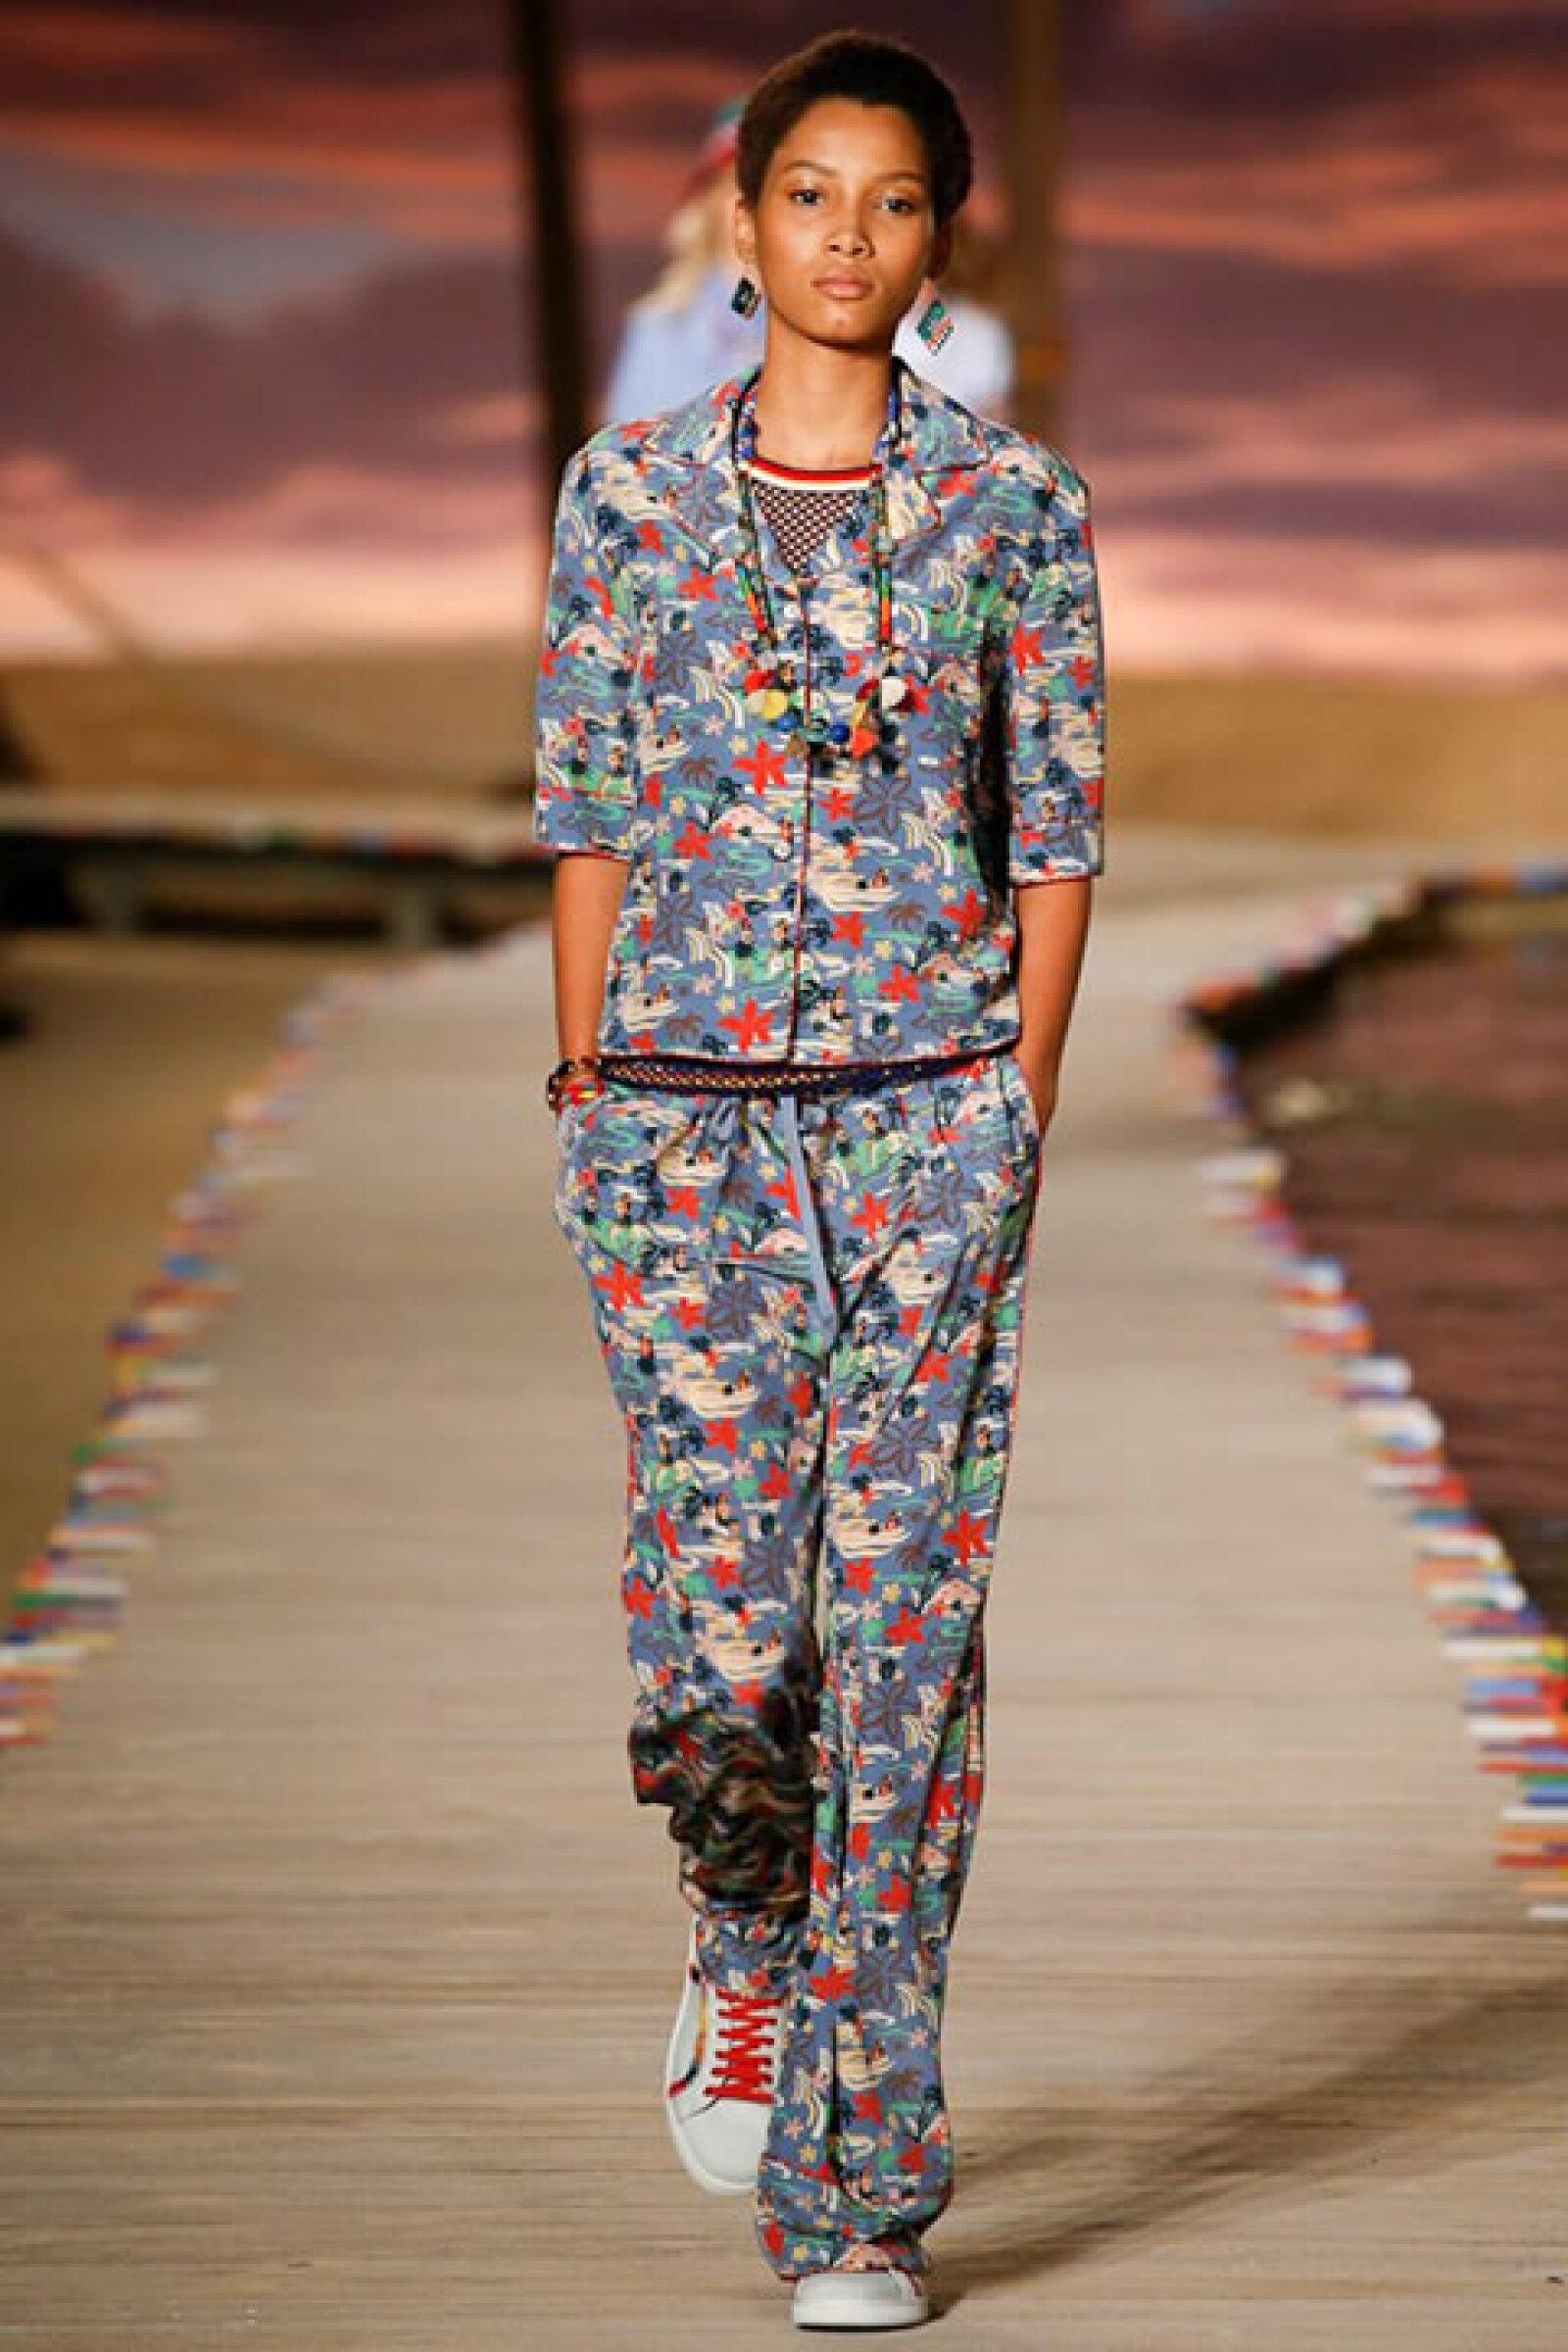 Traje tipo pijama con estampado tropical con sneakers de denim deslavado.